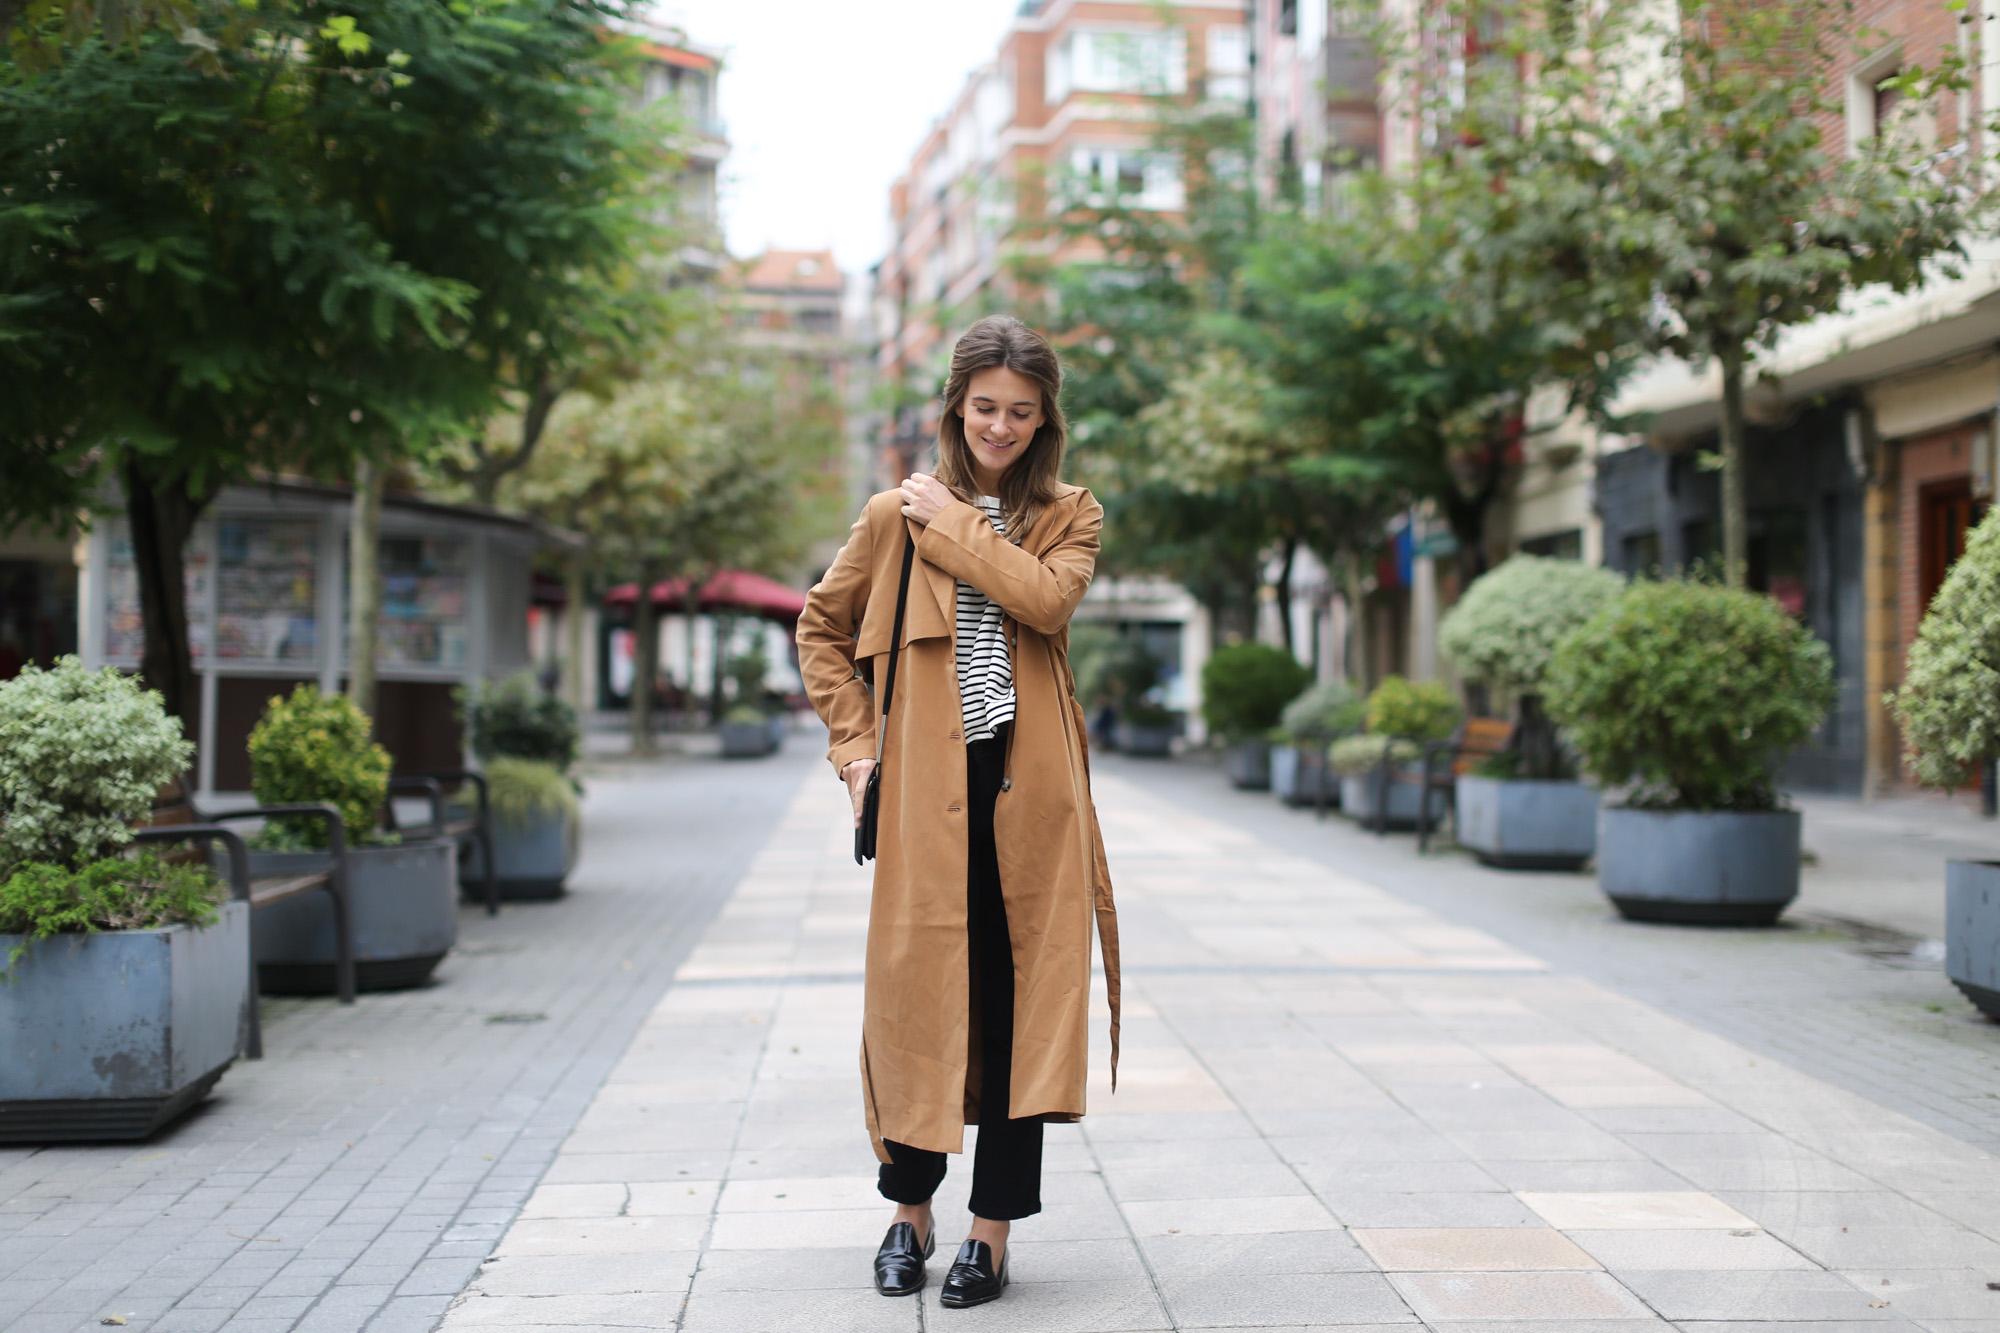 Clochet-streetstyle-monki-tench-coat-zara-striped-sweatshirt-3